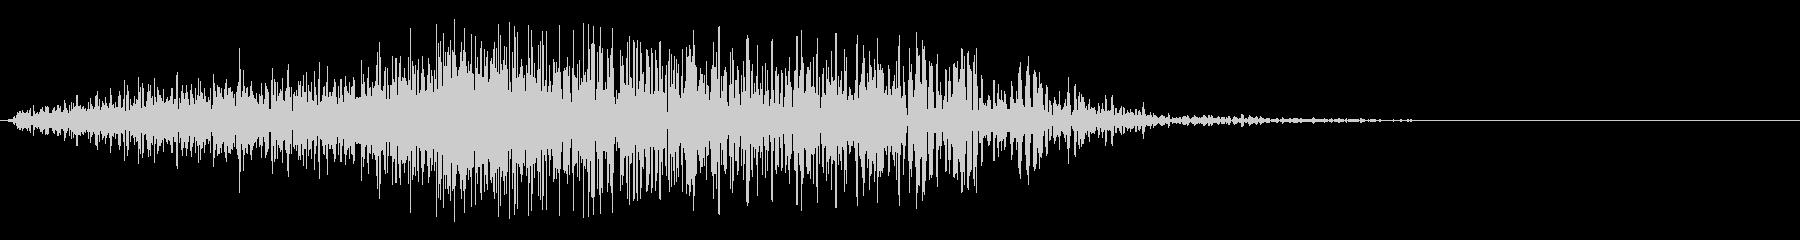 モンスター 気合 12の未再生の波形